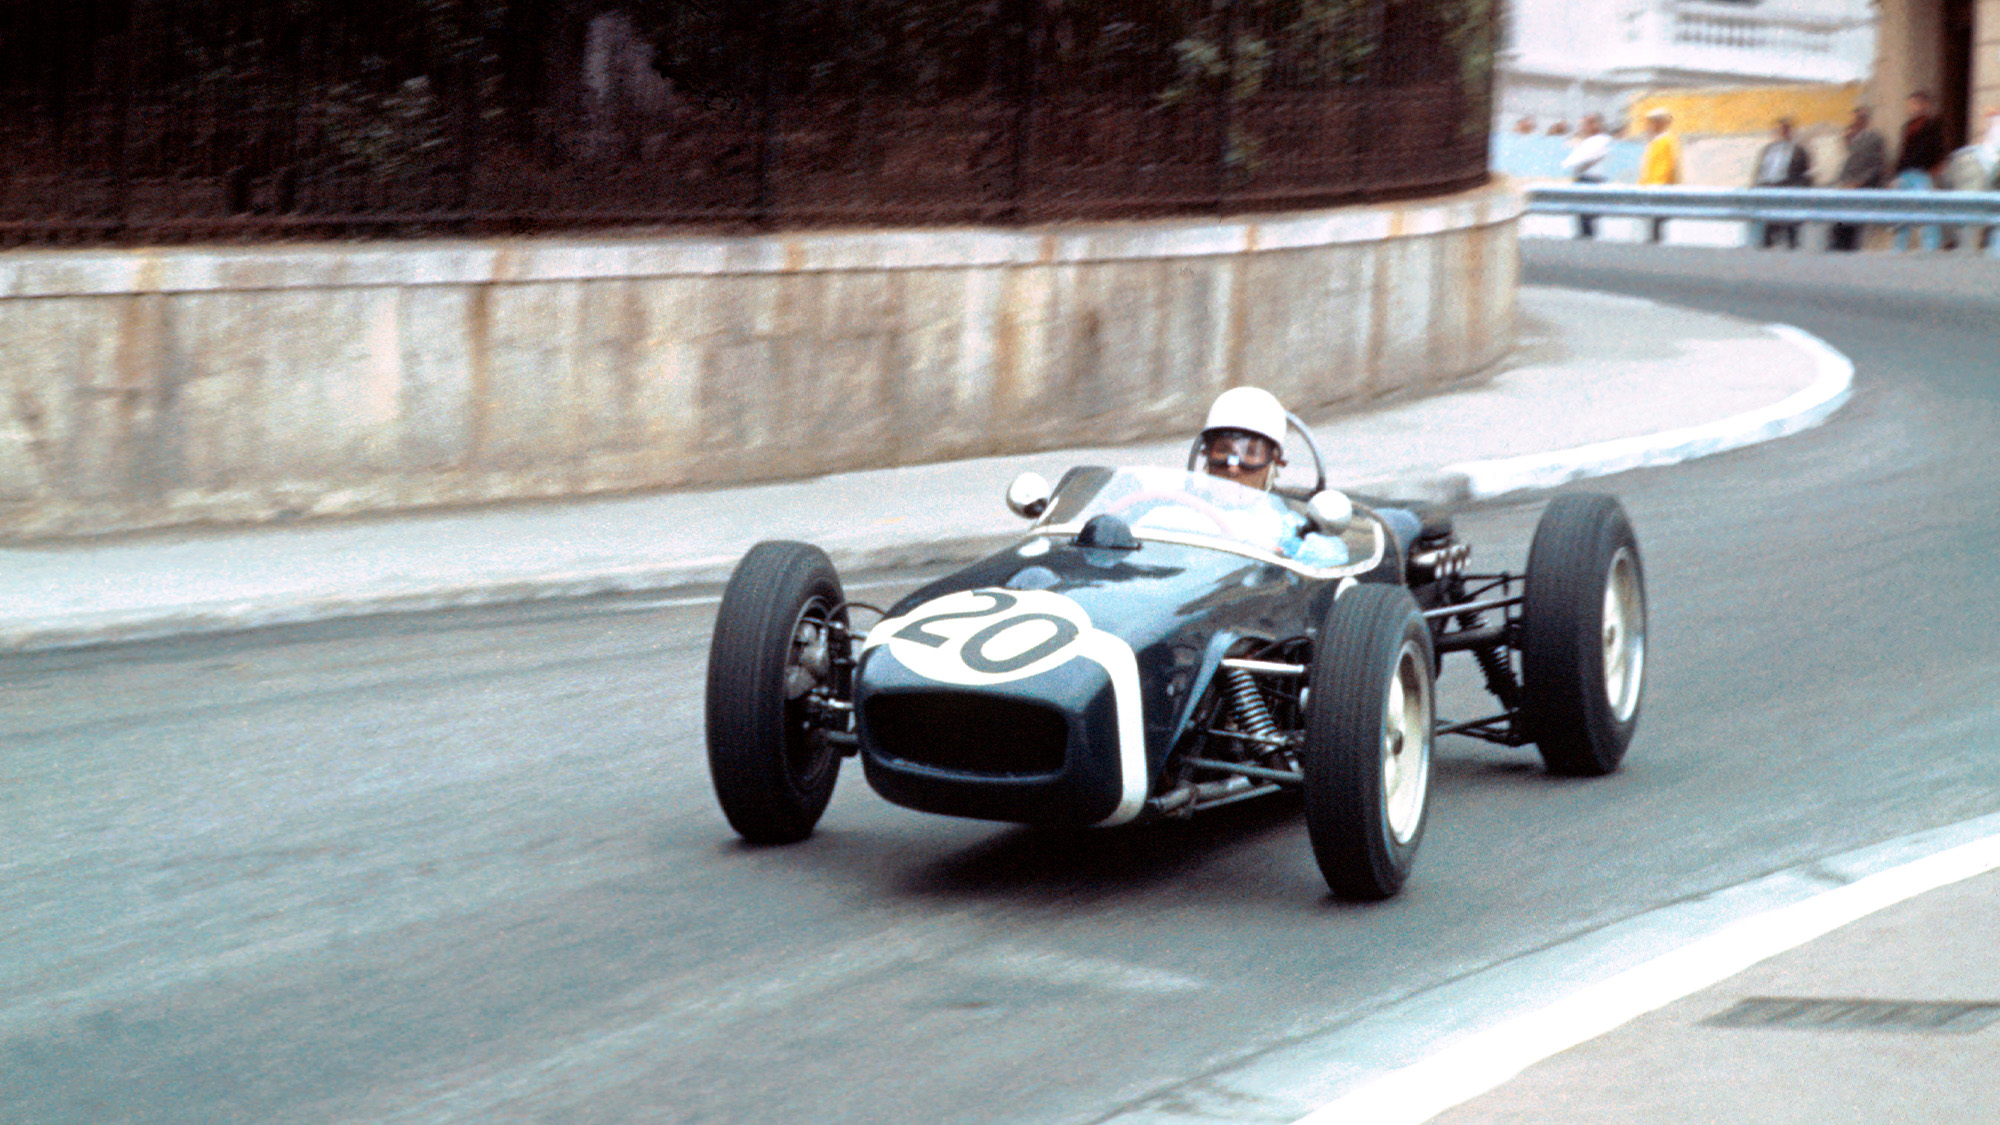 Stirling Moss leads the 1961 Monaco Grand Prix